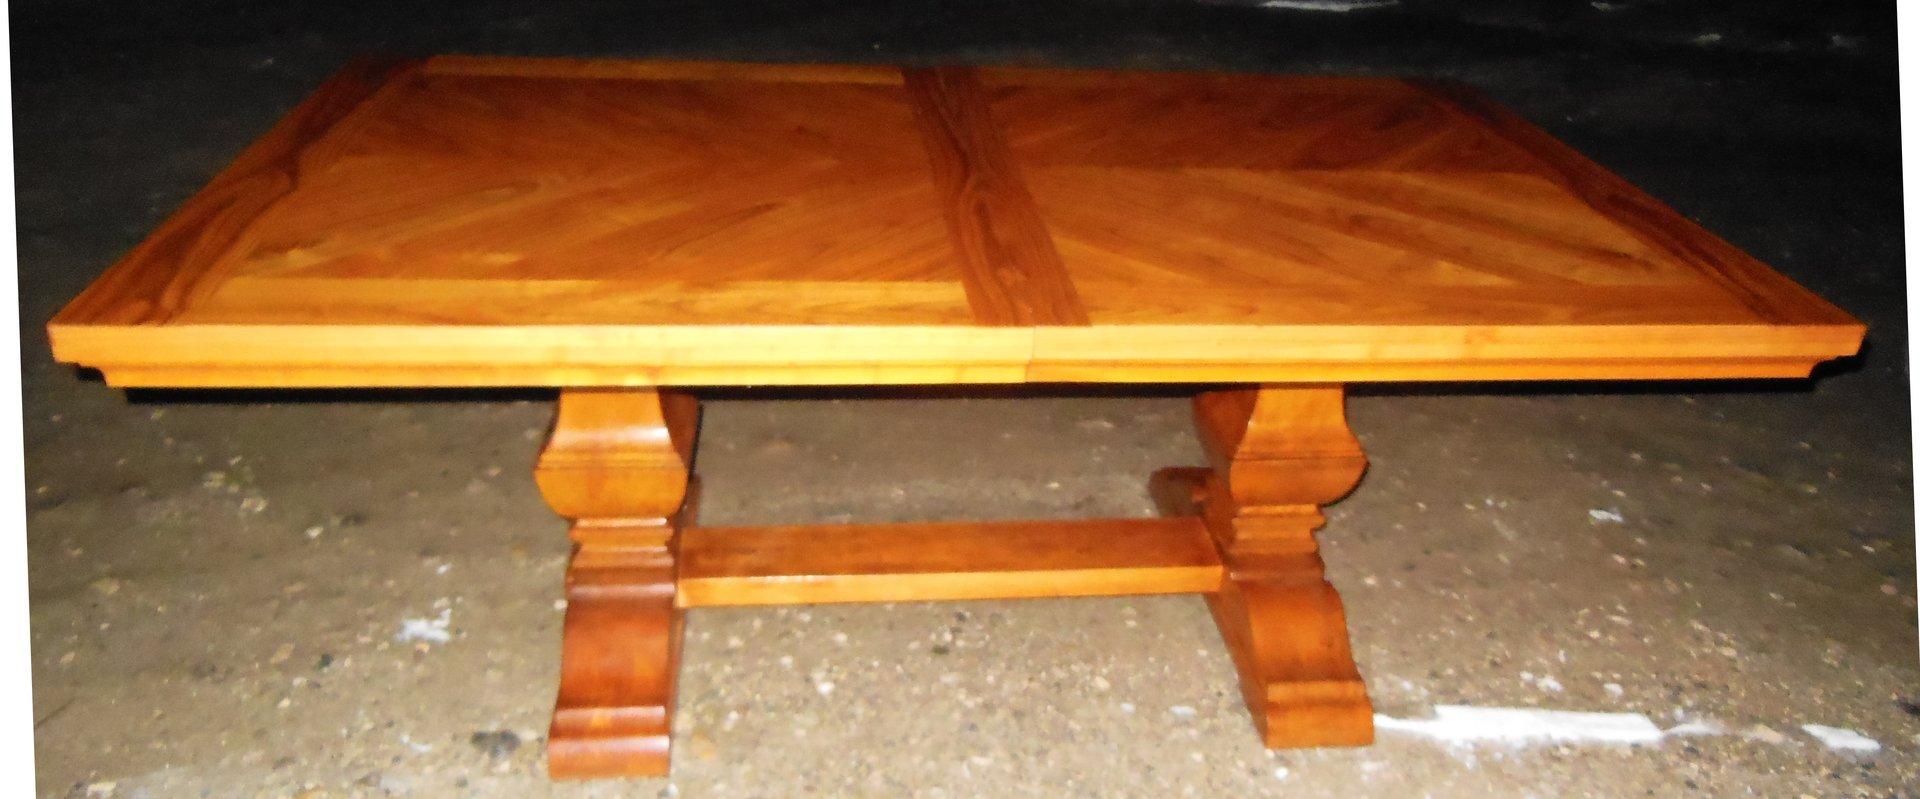 Konferenztisch sehr grosser esstisch kirschholz for Esstisch kirschholz